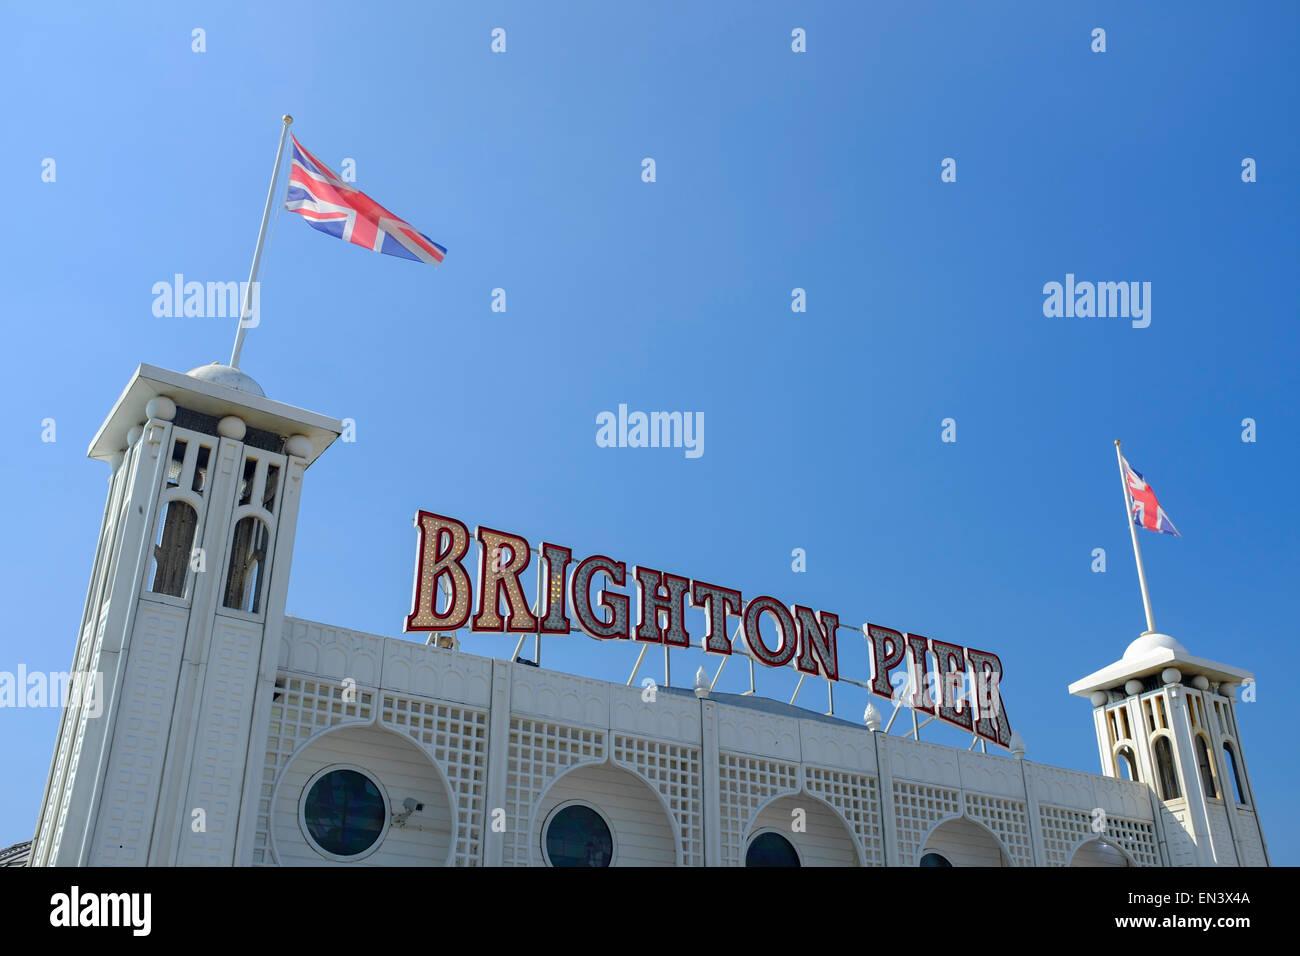 Brighton Pier. Brighton, East Sussex, England, UK - Stock Image